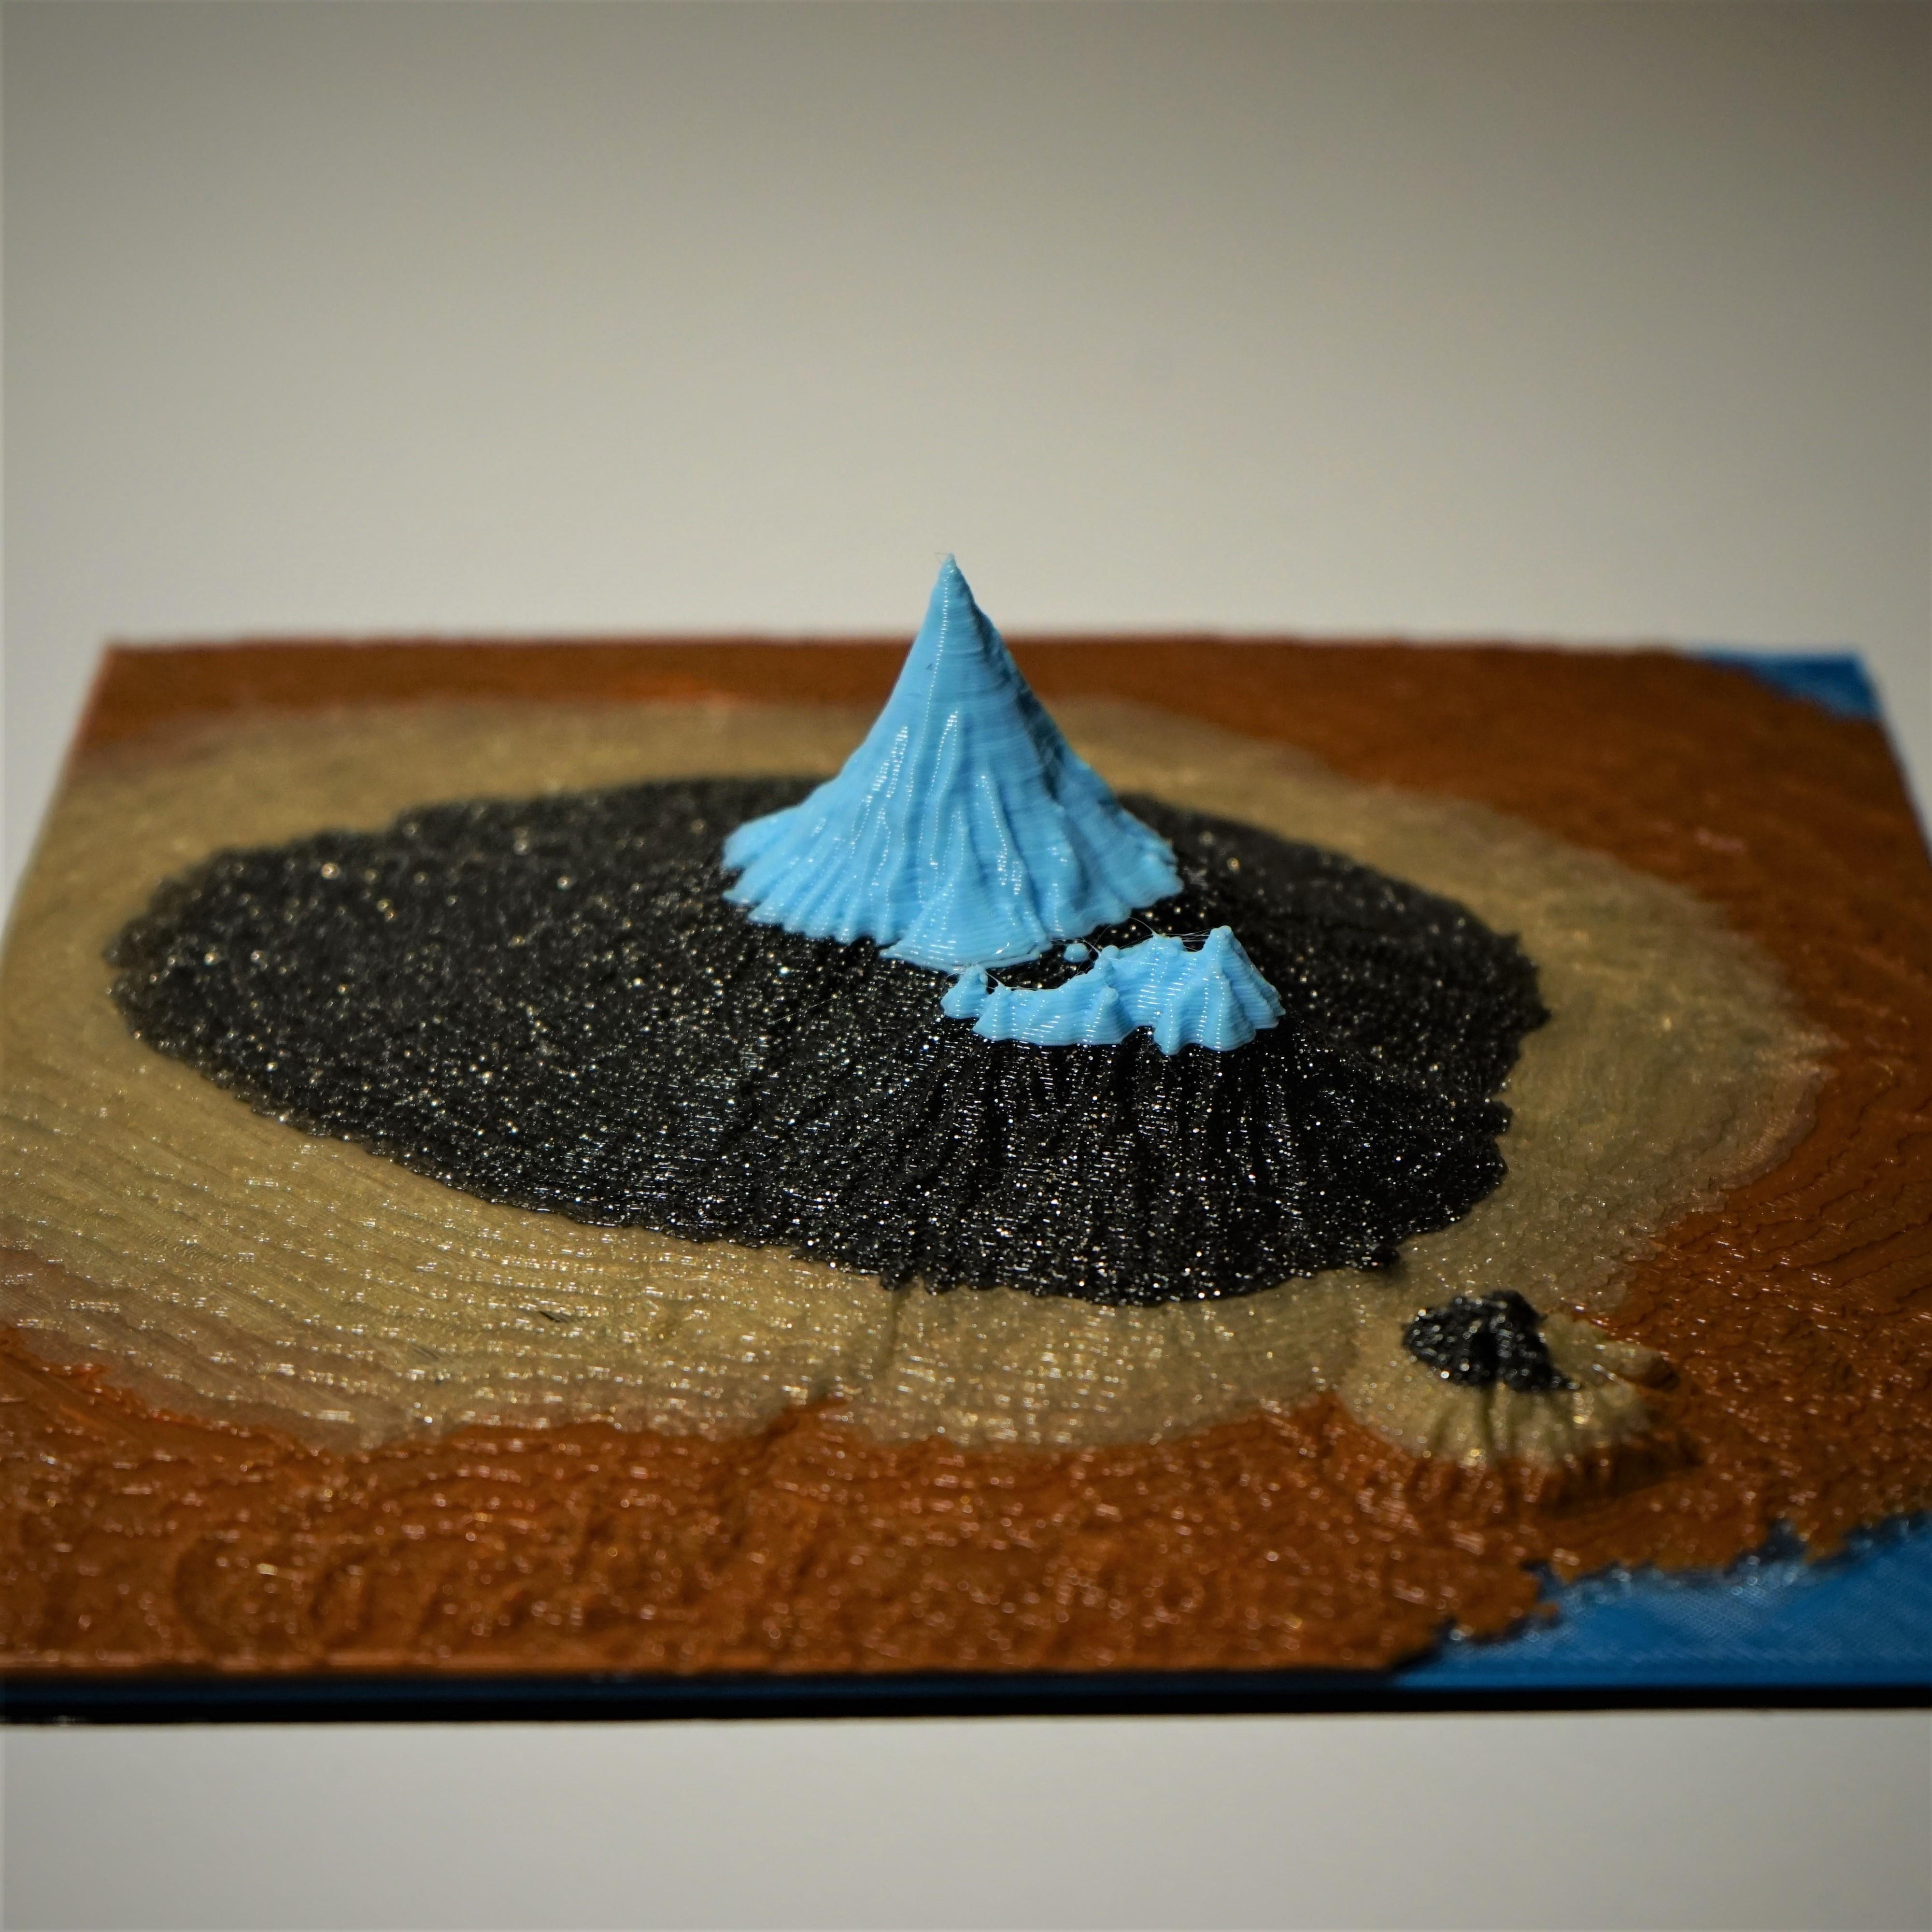 DSC06485 (2).JPG Download free STL file Mount Taranaki • Template to 3D print, benwax10